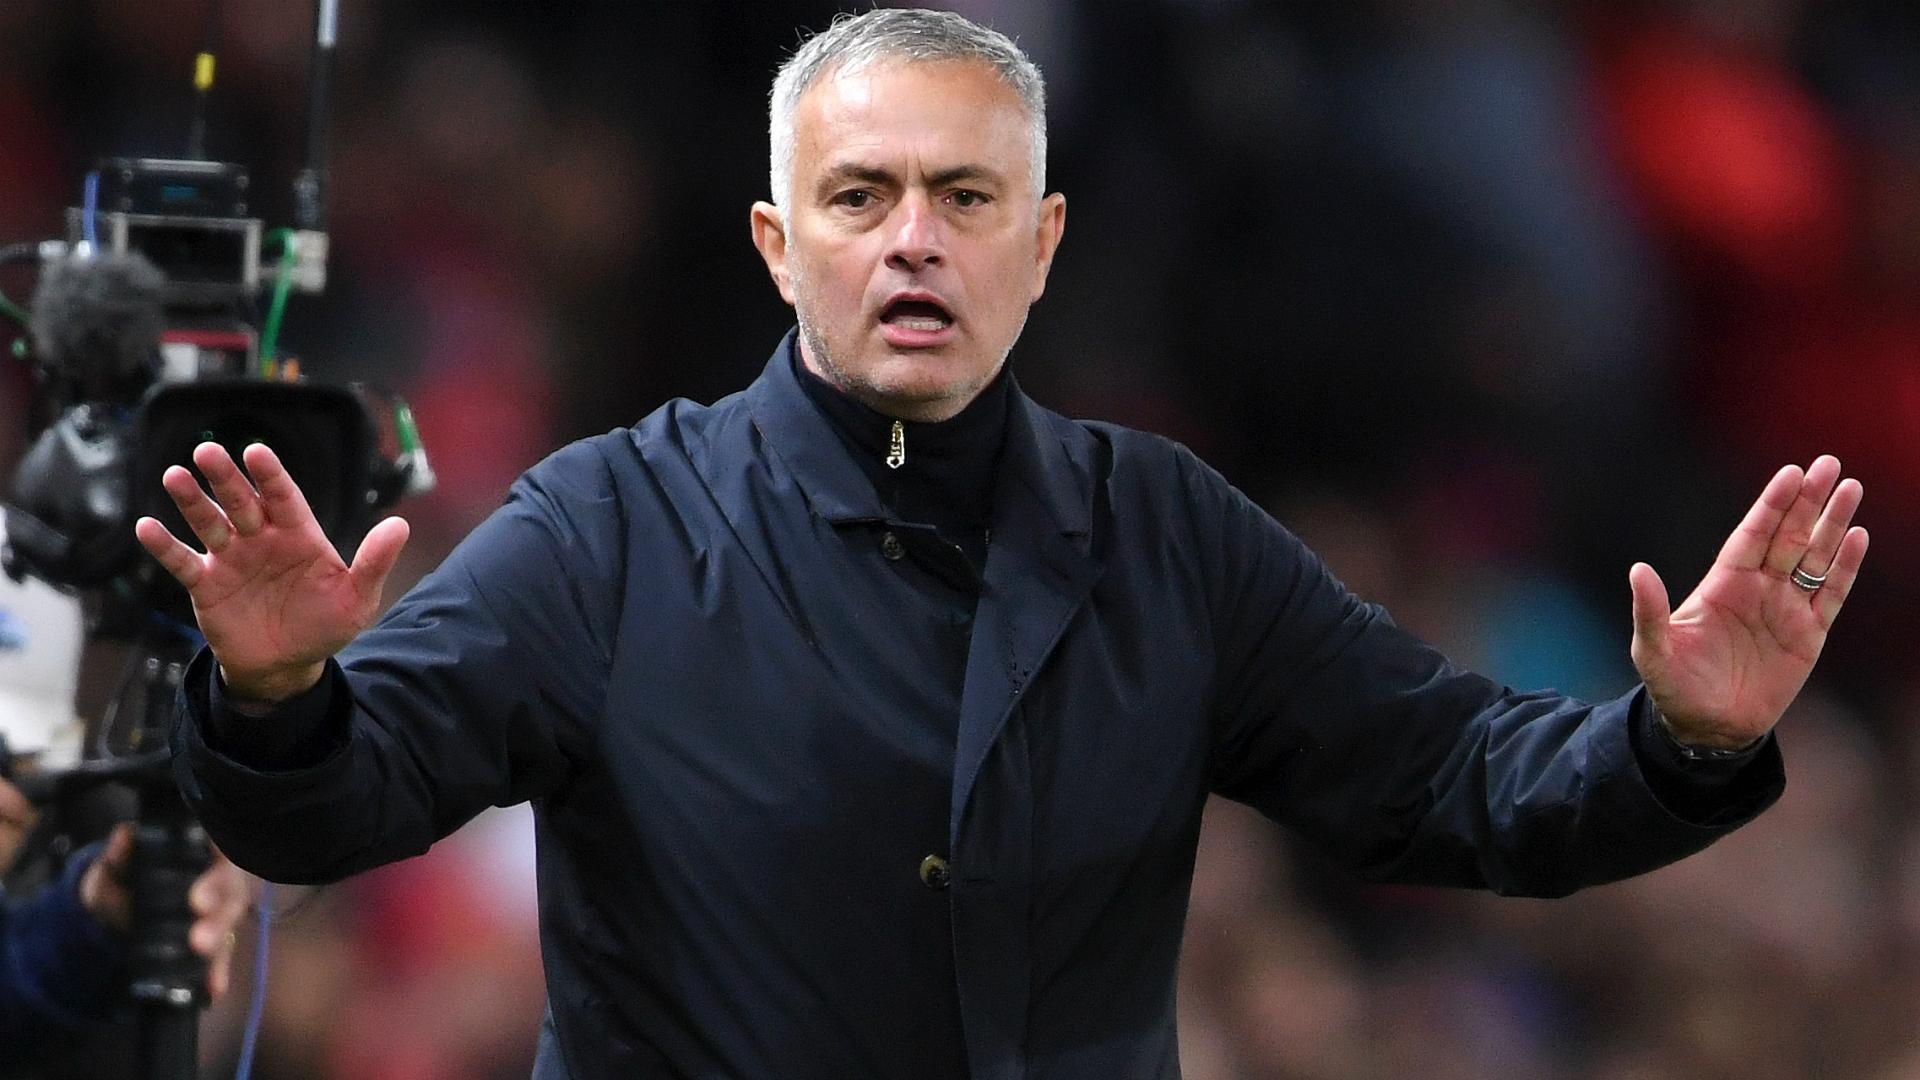 De Gea backs Mourinho despite Manchester United's 'bad season'